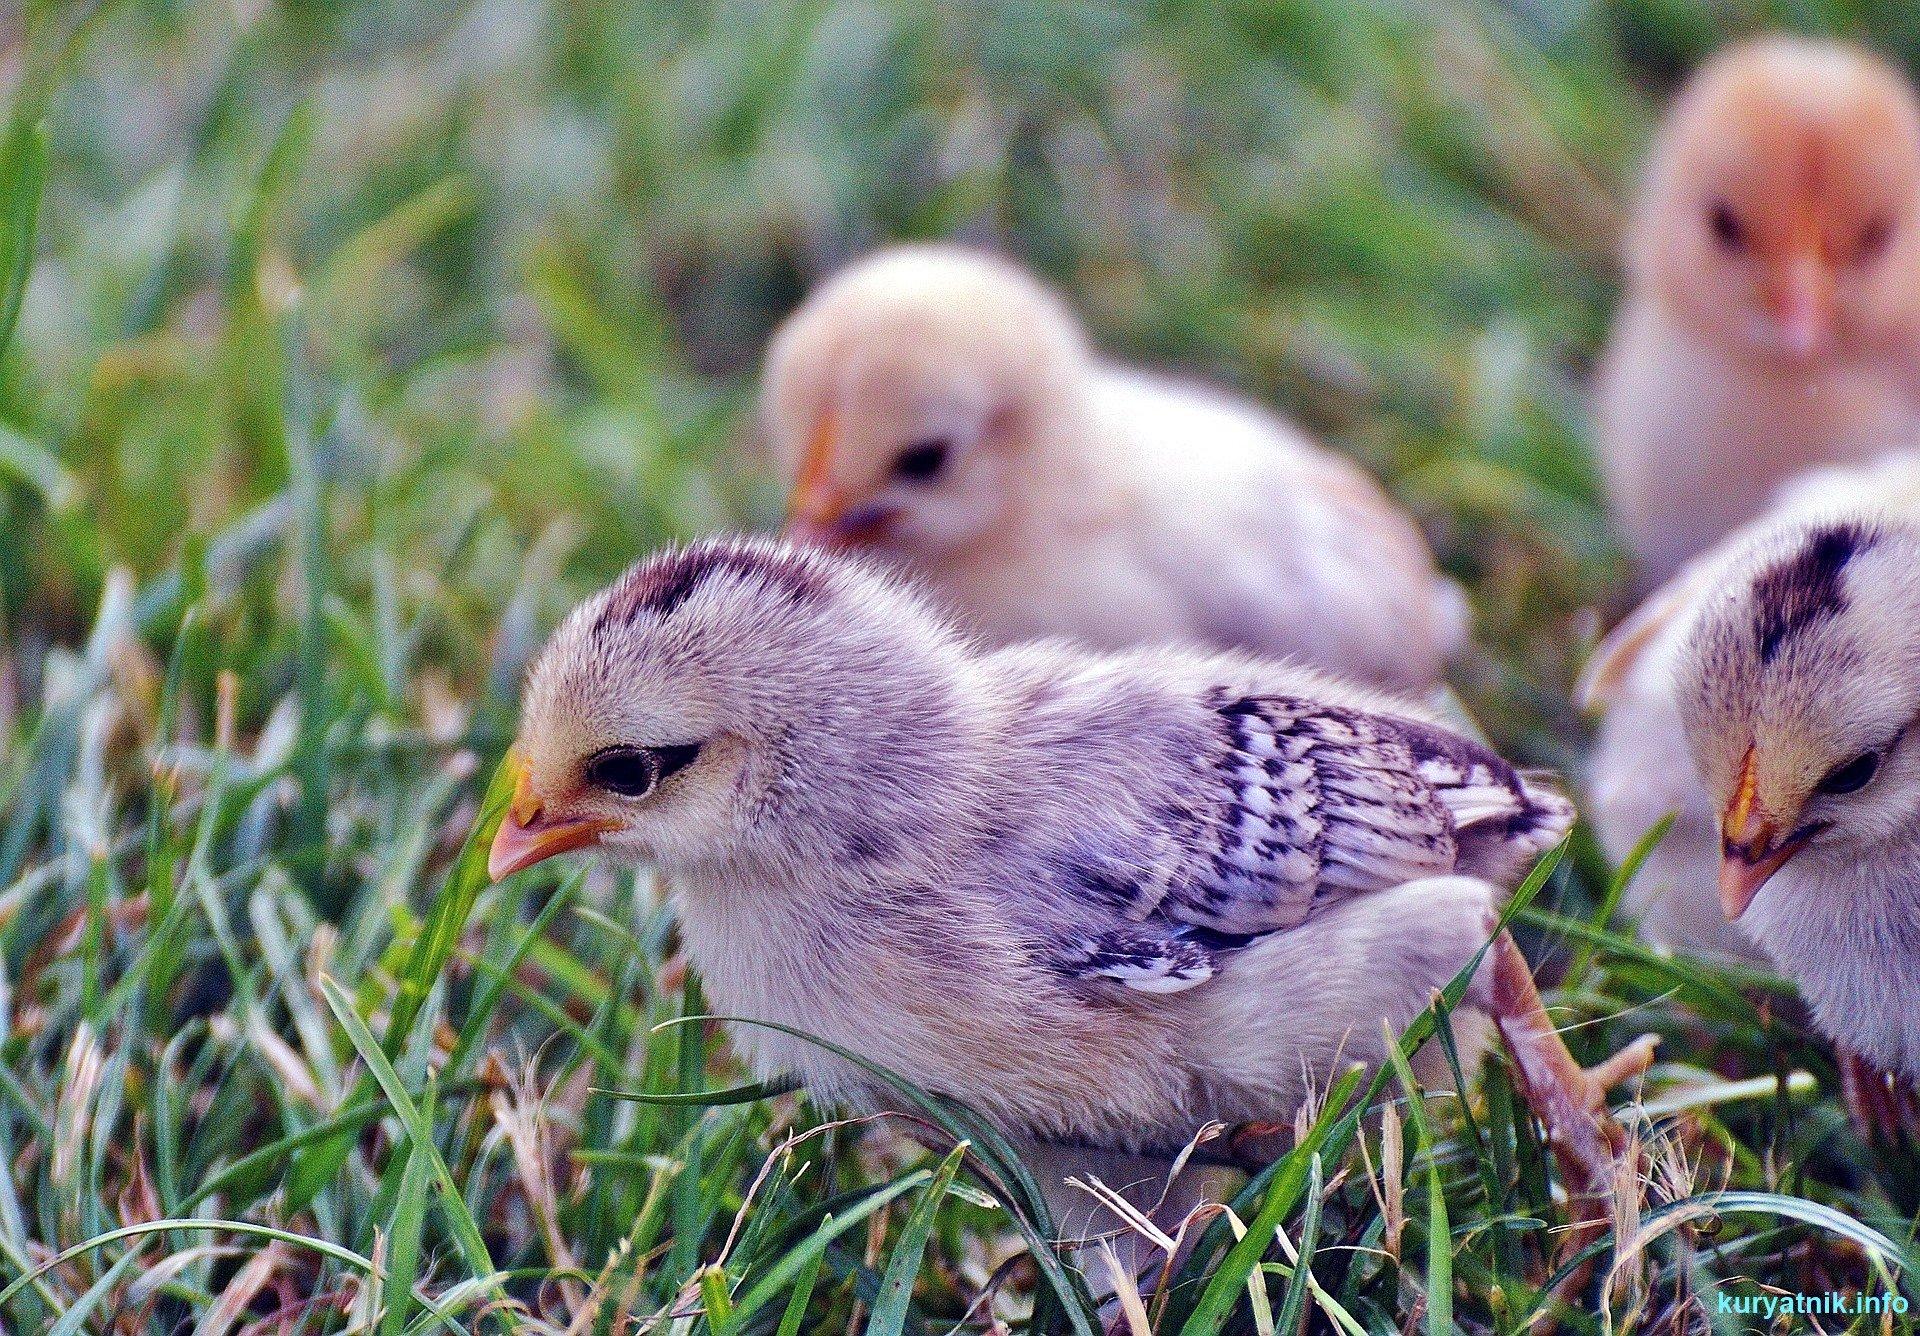 Советы по содержанию кур в домашних условиях для начинающих: уход и разведение птиц